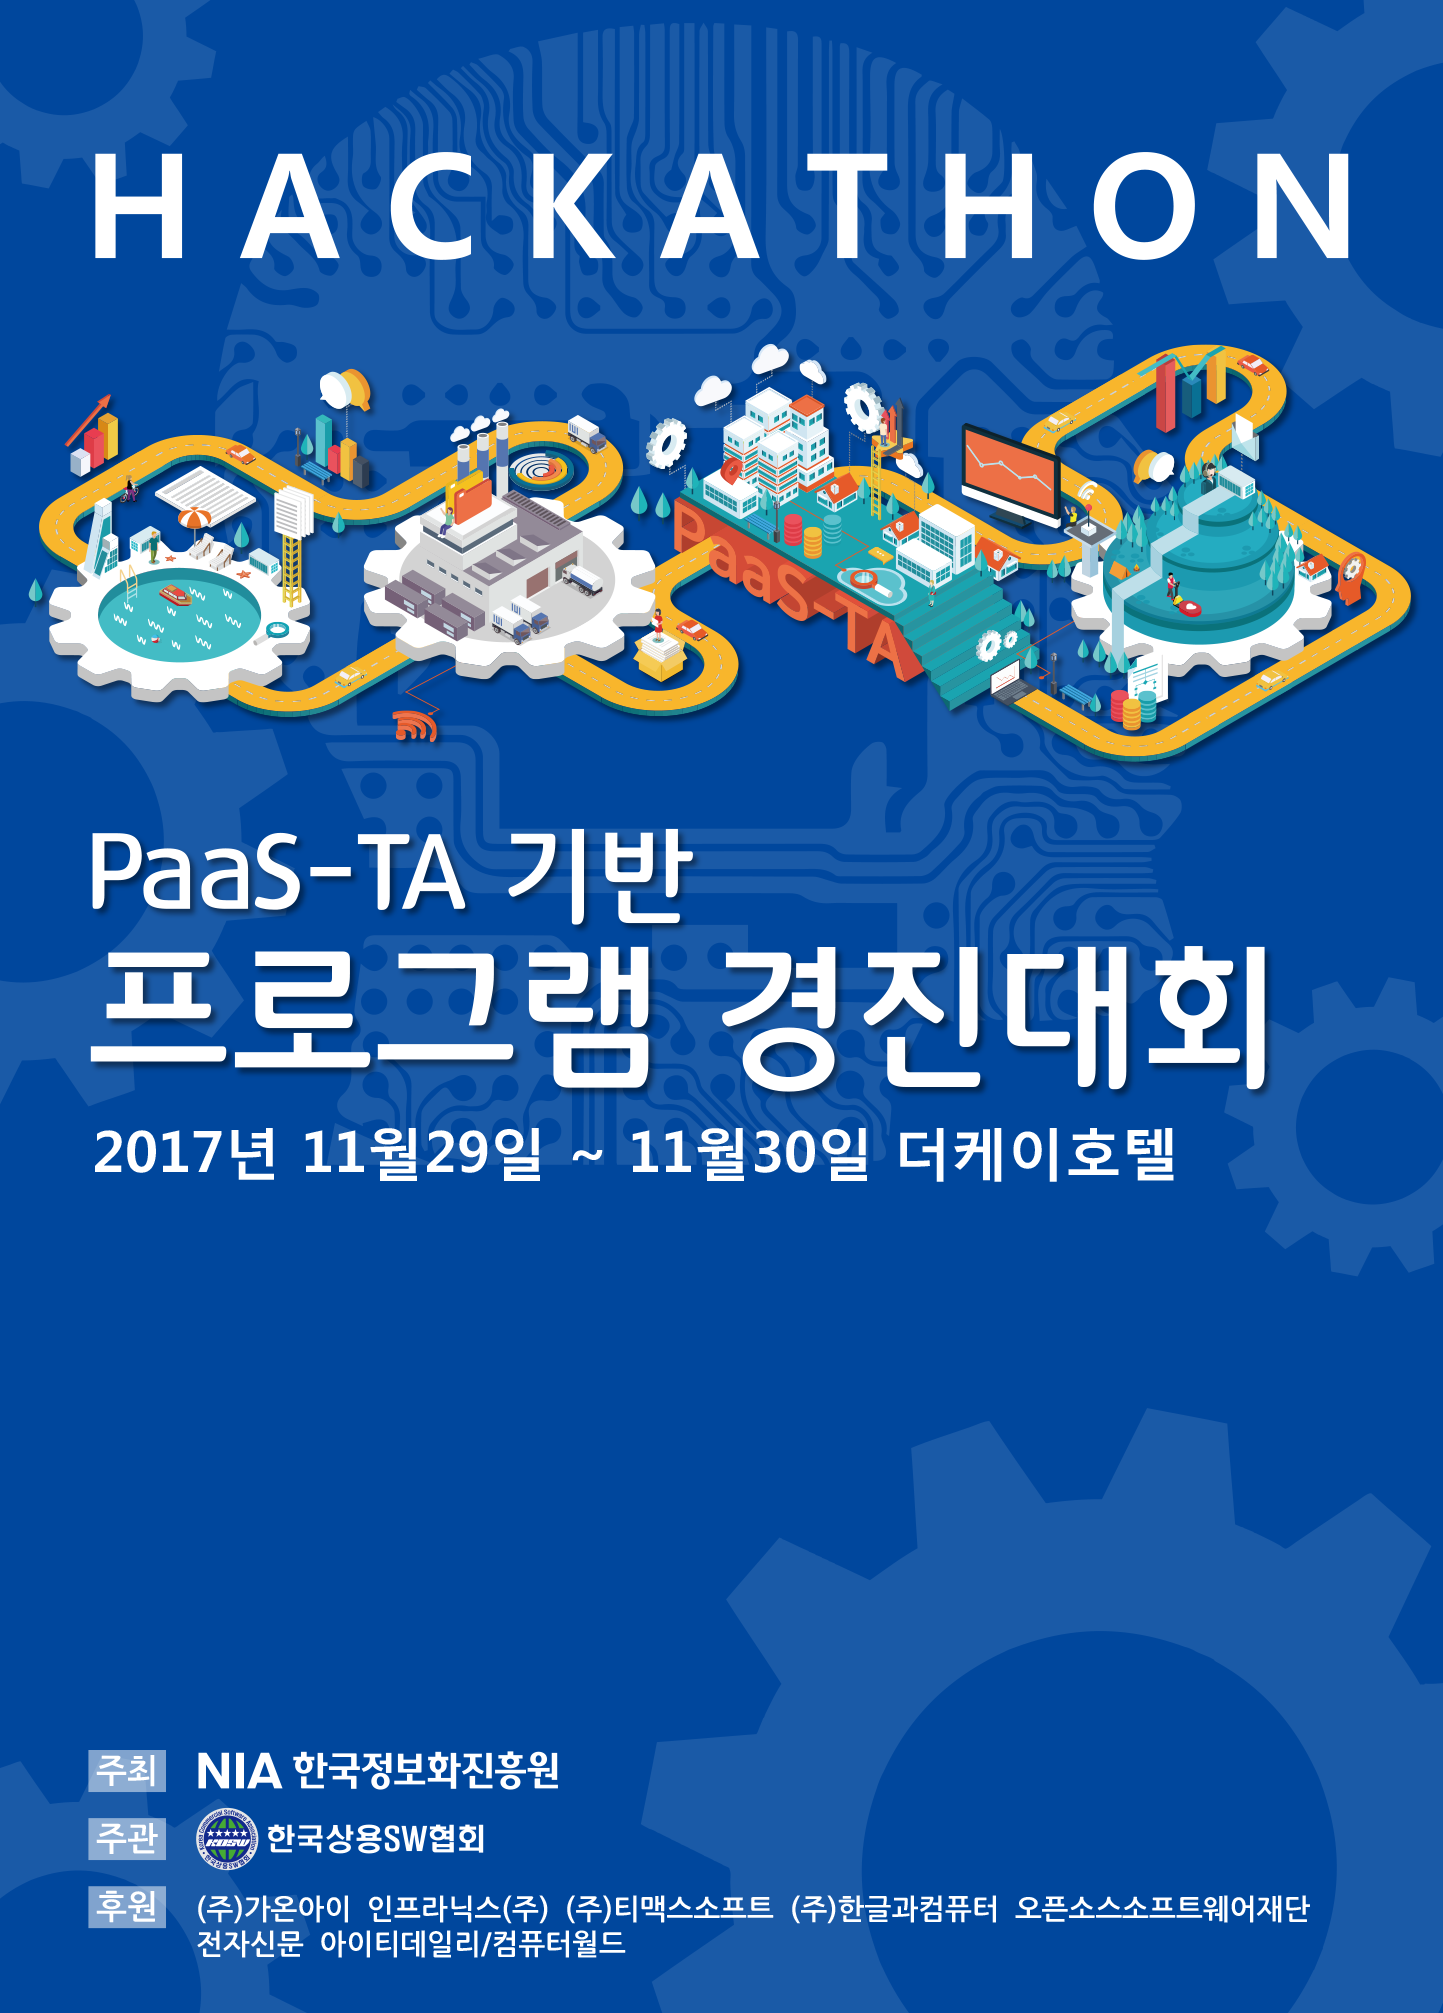 PaaS-TA 기반 프로그램 경진대회